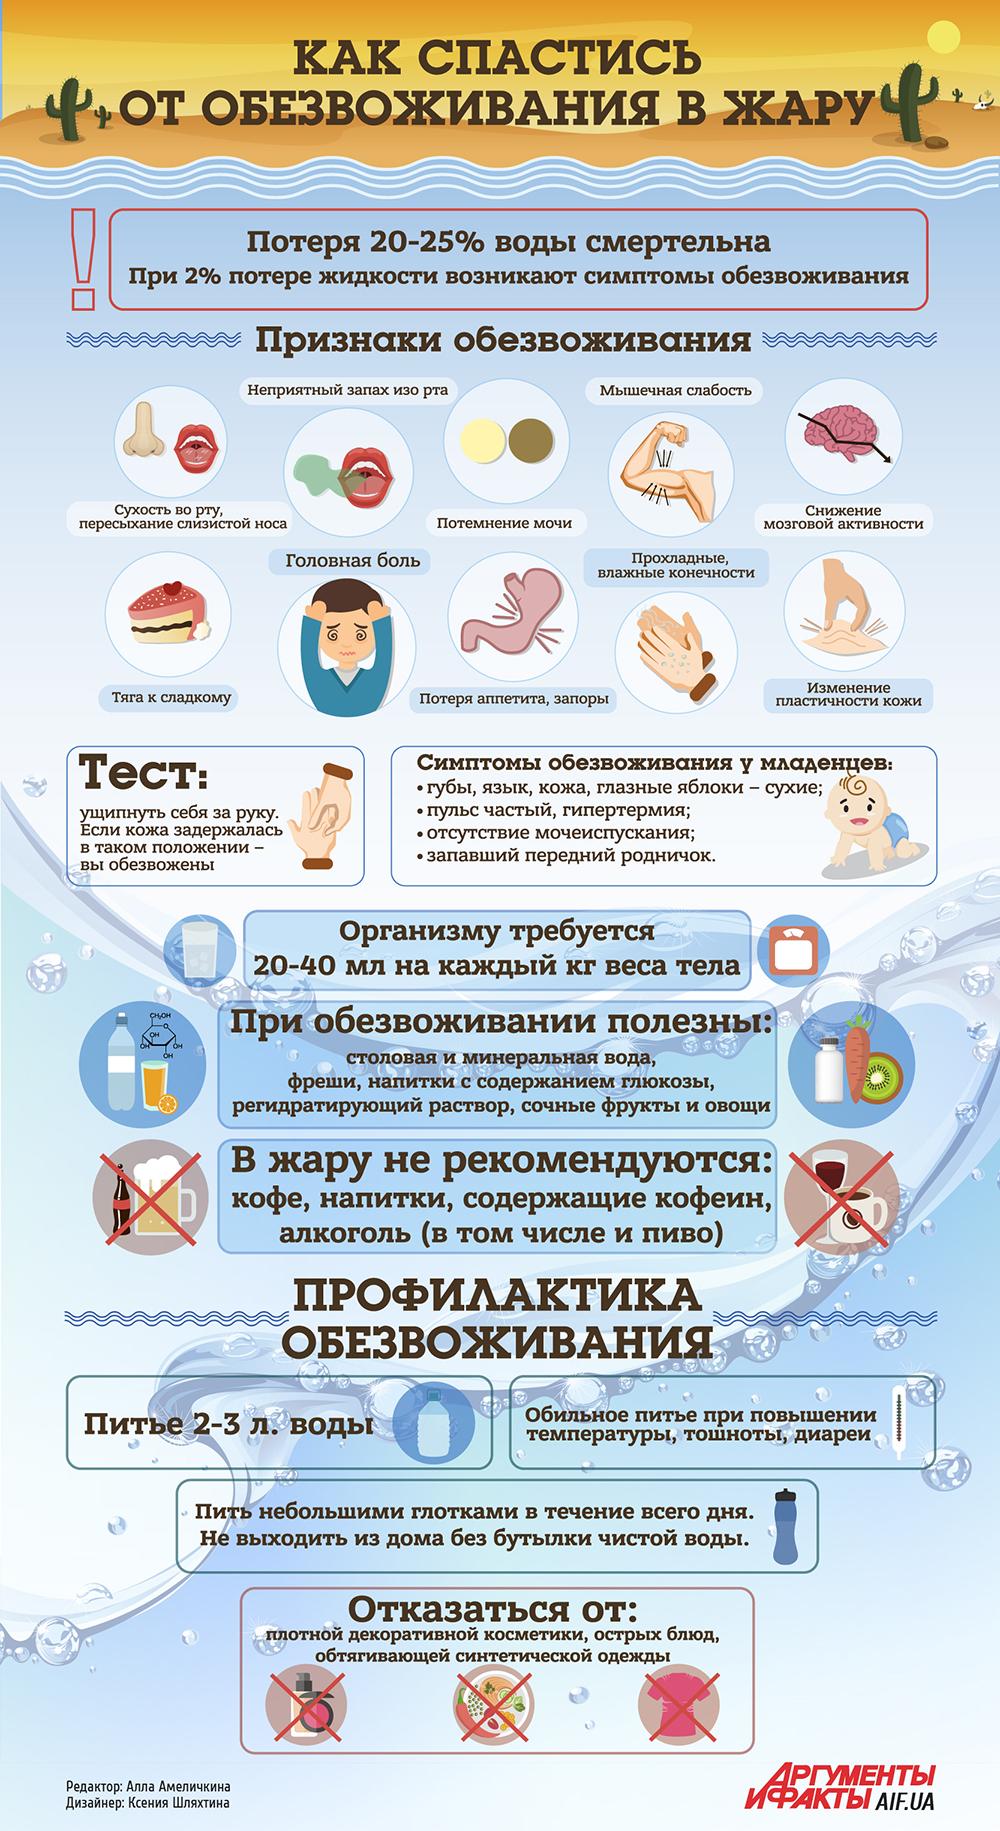 Как диагностировать обезвоживание организма и что нужно делать